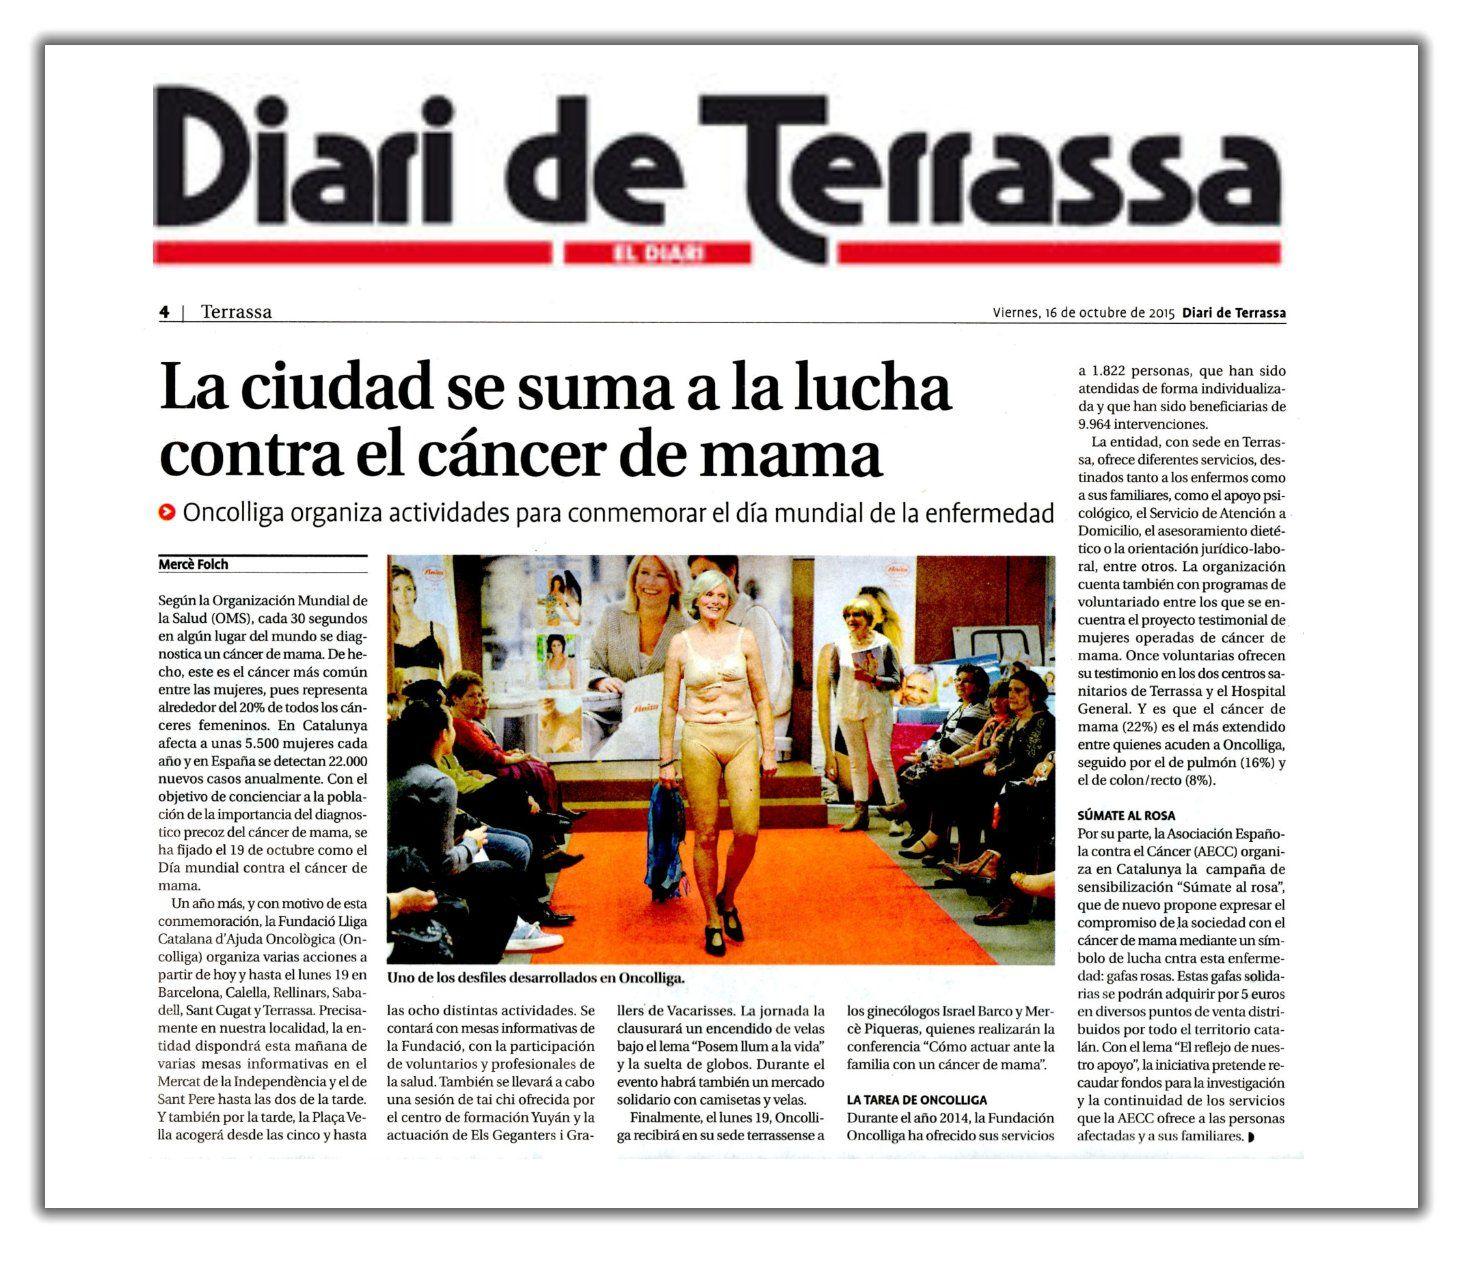 Yùyán | Prensa | Diari de Terrassa